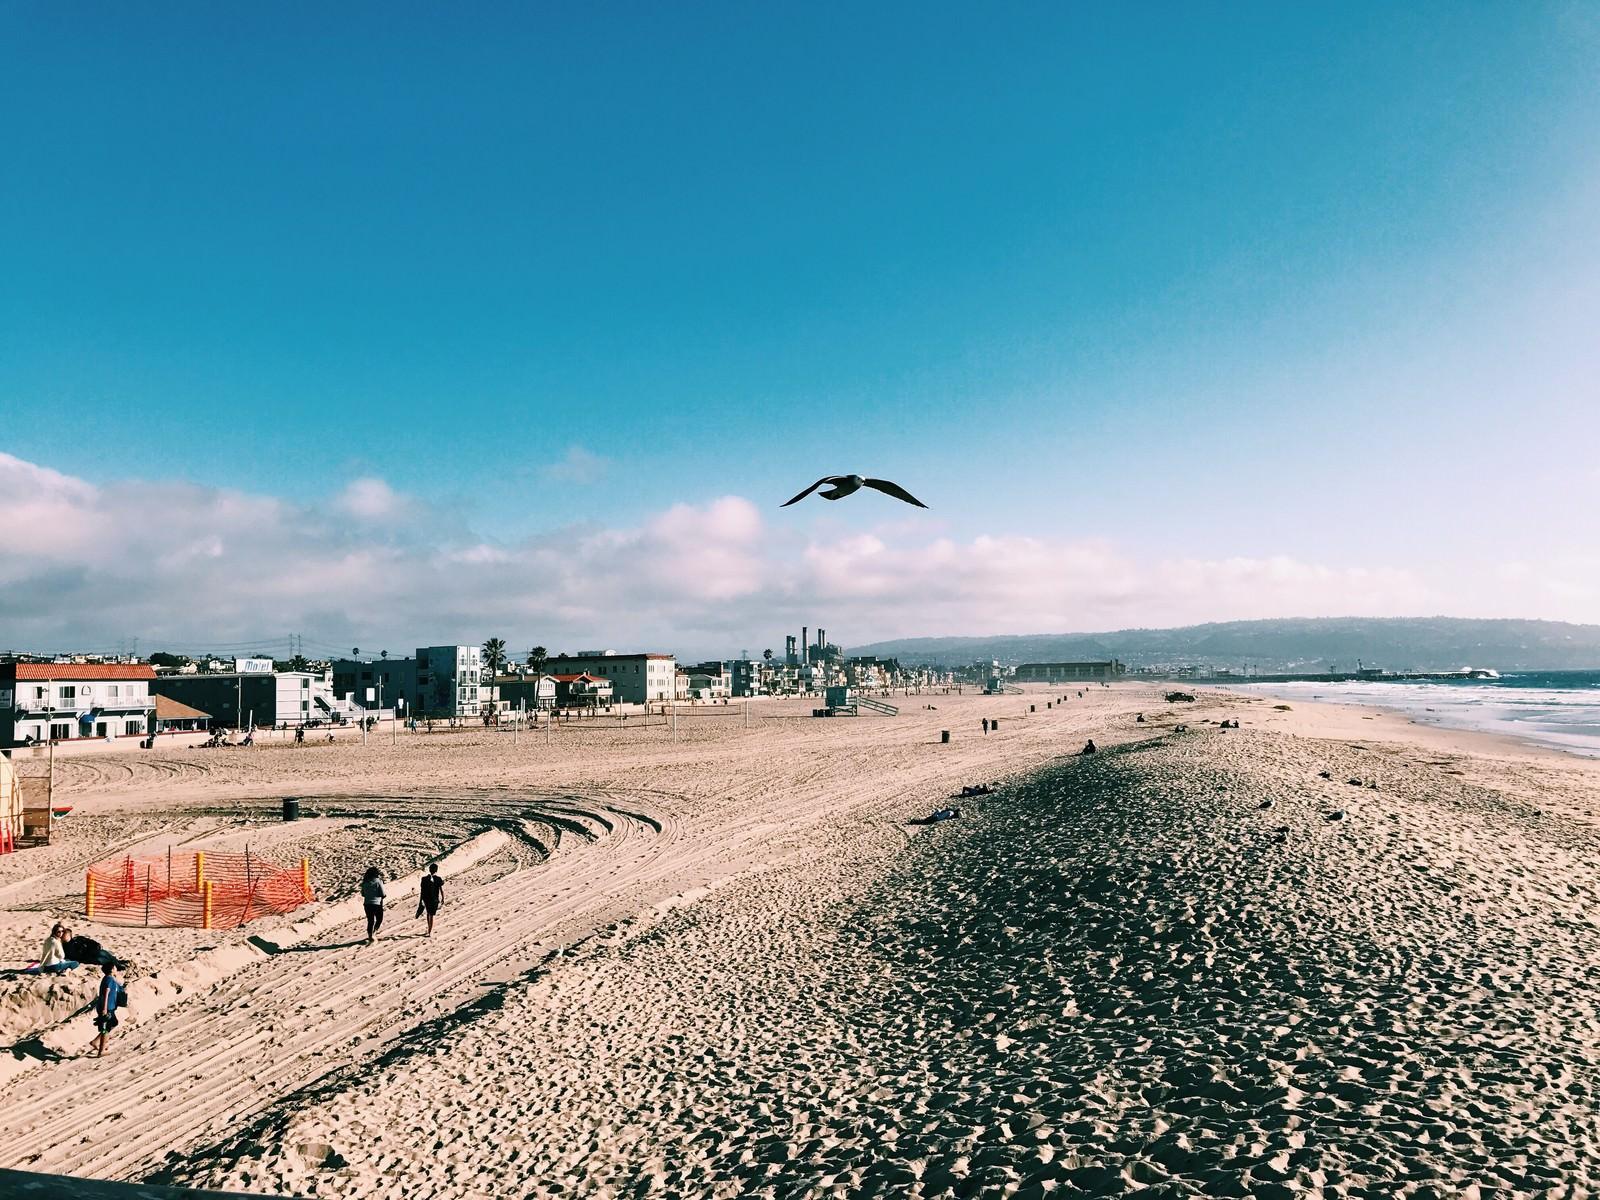 「ハモサビーチ(カリフォルニア)」の写真